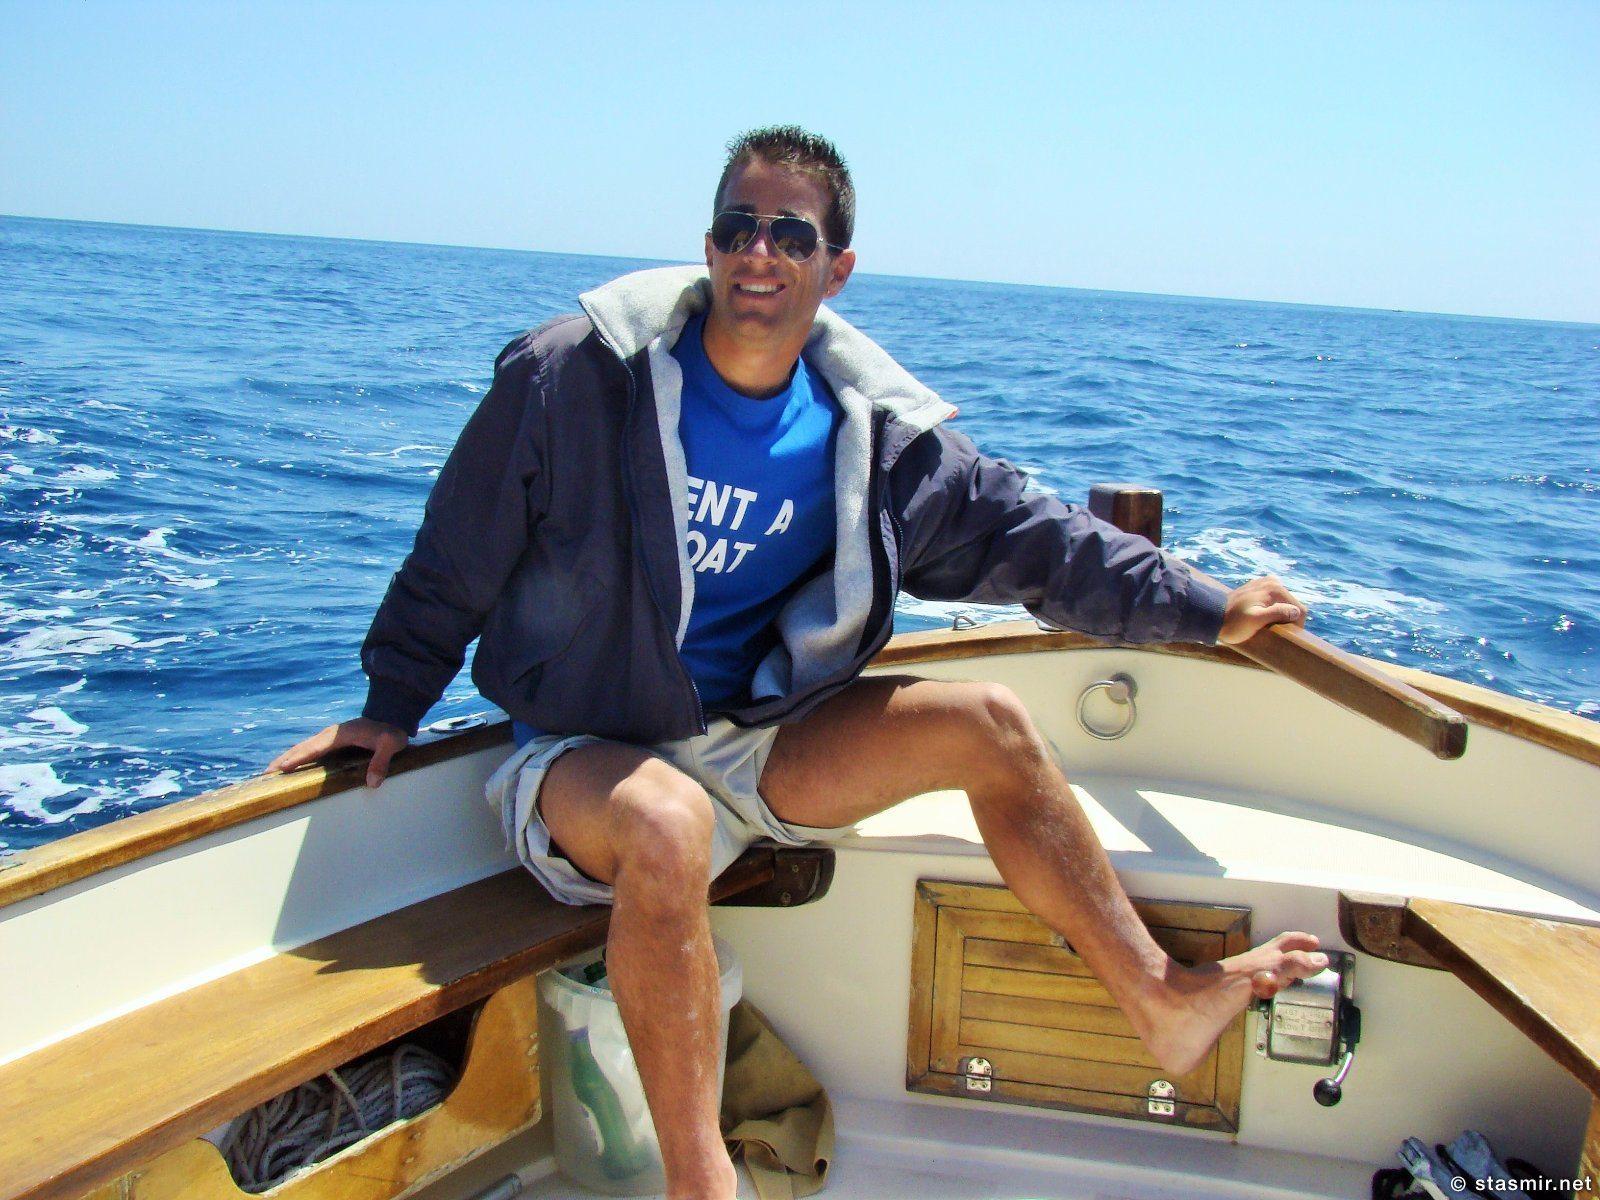 лодочная фирма на острове Капри, а не на Амальфитанском побережье, фото Стасмир, Photo Stasmir